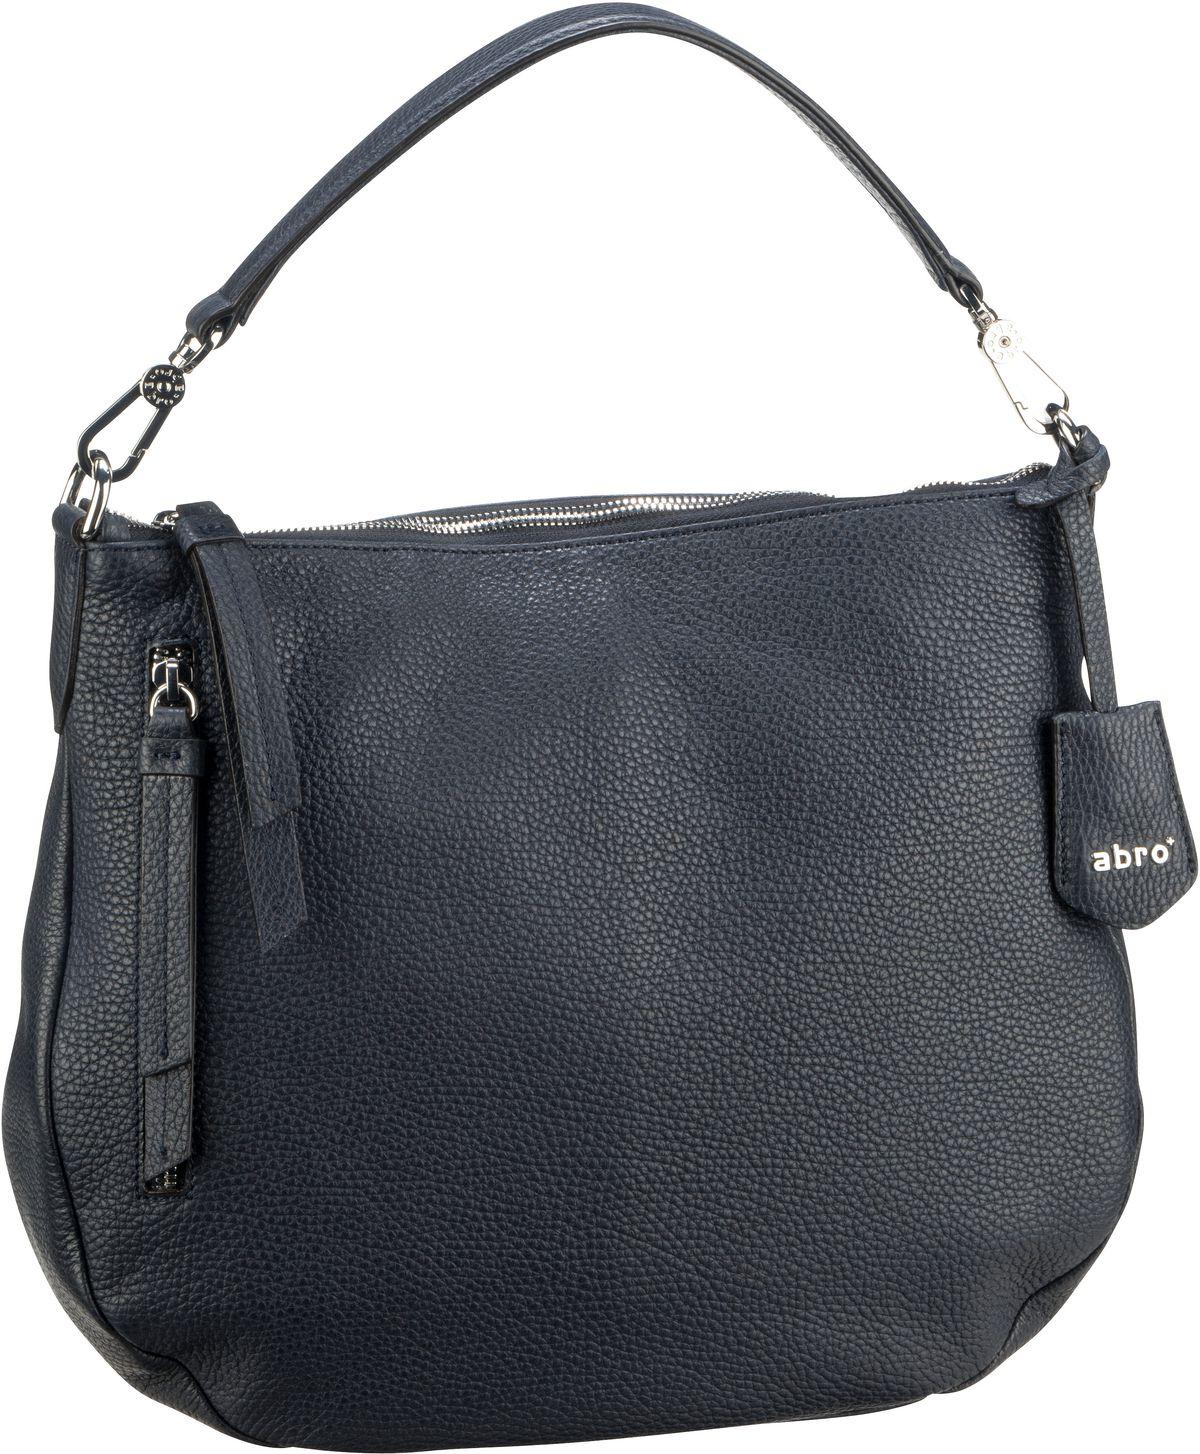 Handtasche Calf Adria 28623 Navy